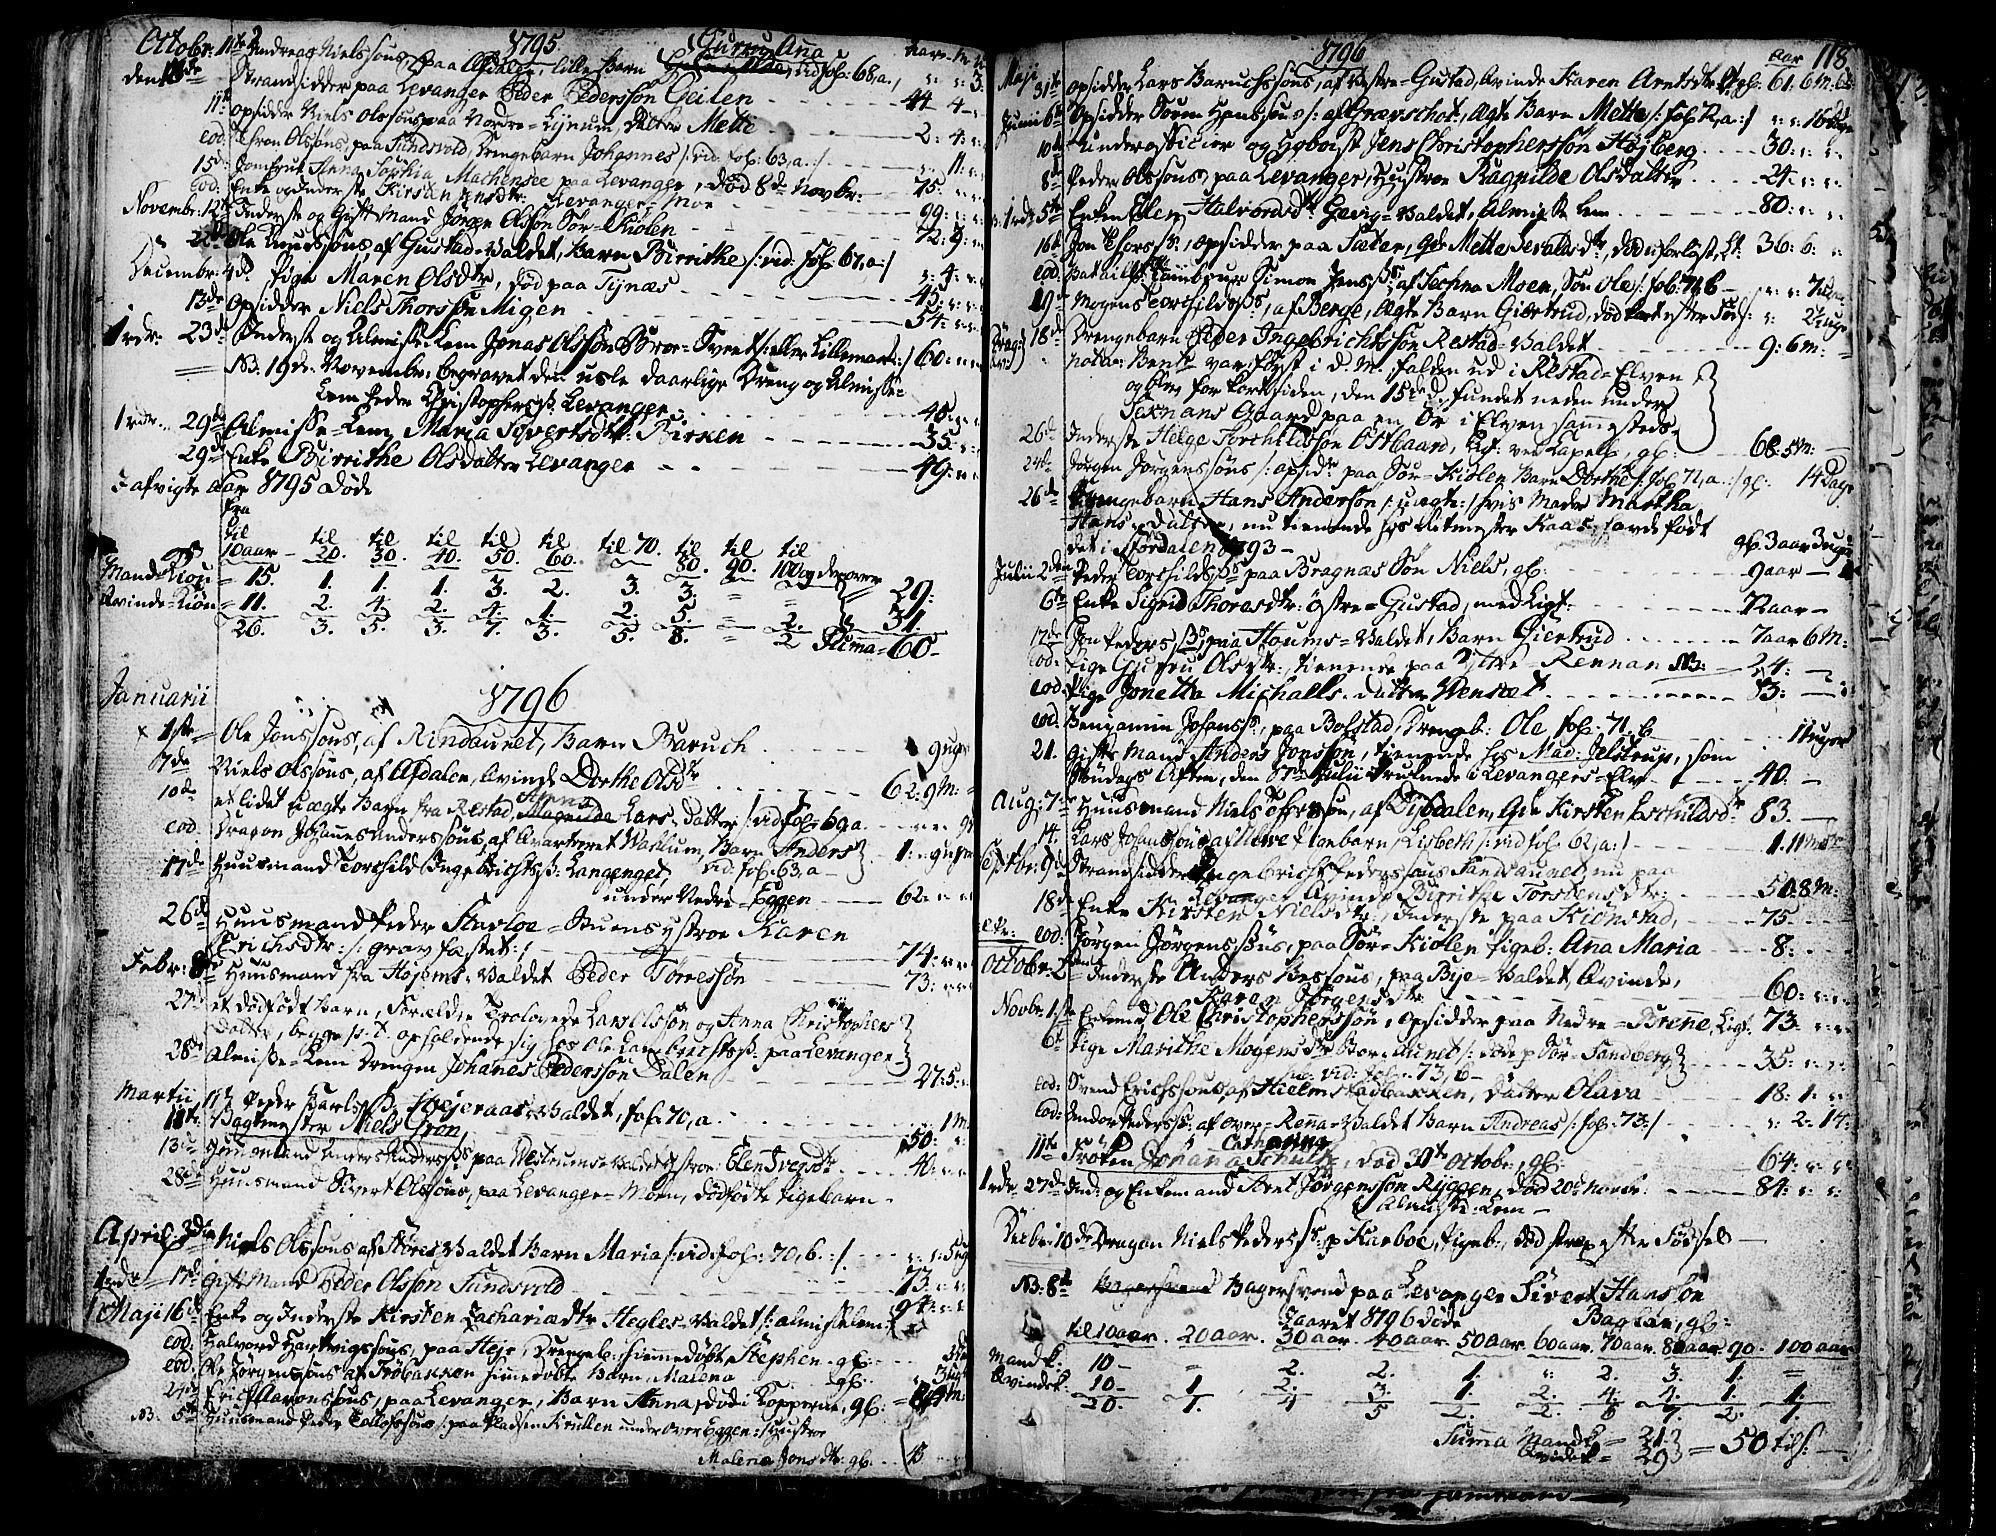 SAT, Ministerialprotokoller, klokkerbøker og fødselsregistre - Nord-Trøndelag, 717/L0142: Ministerialbok nr. 717A02 /1, 1783-1809, s. 118